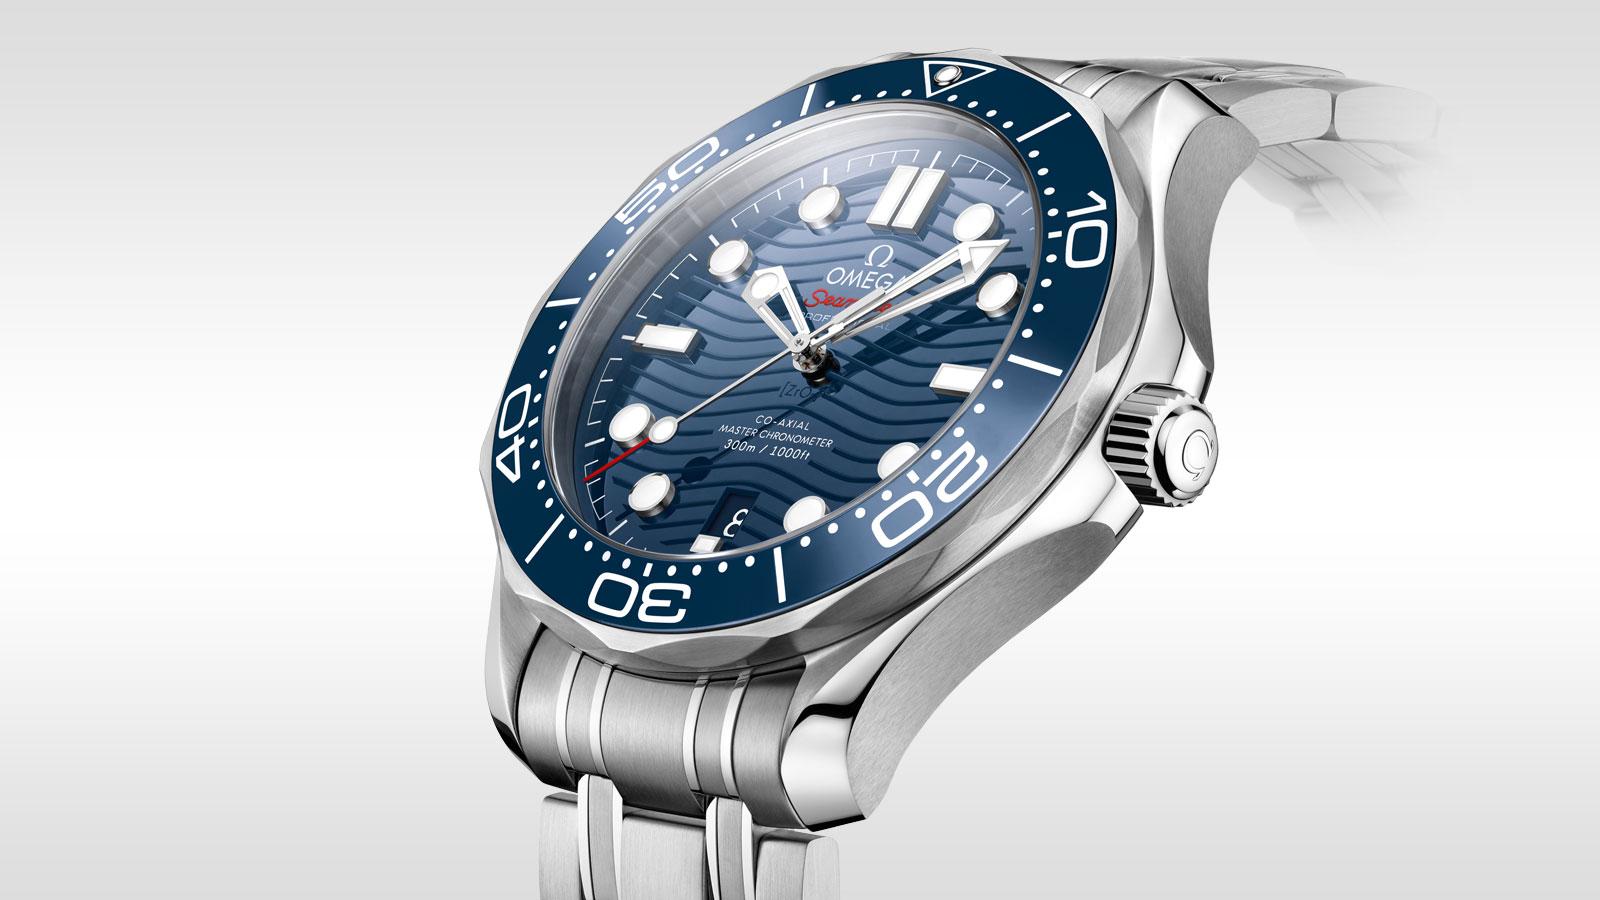 2019 Réplicas Relojes Clásico Omega Seamaster 300 Diver Professional Master Esfera Azul Cronómetro Automático Revisión